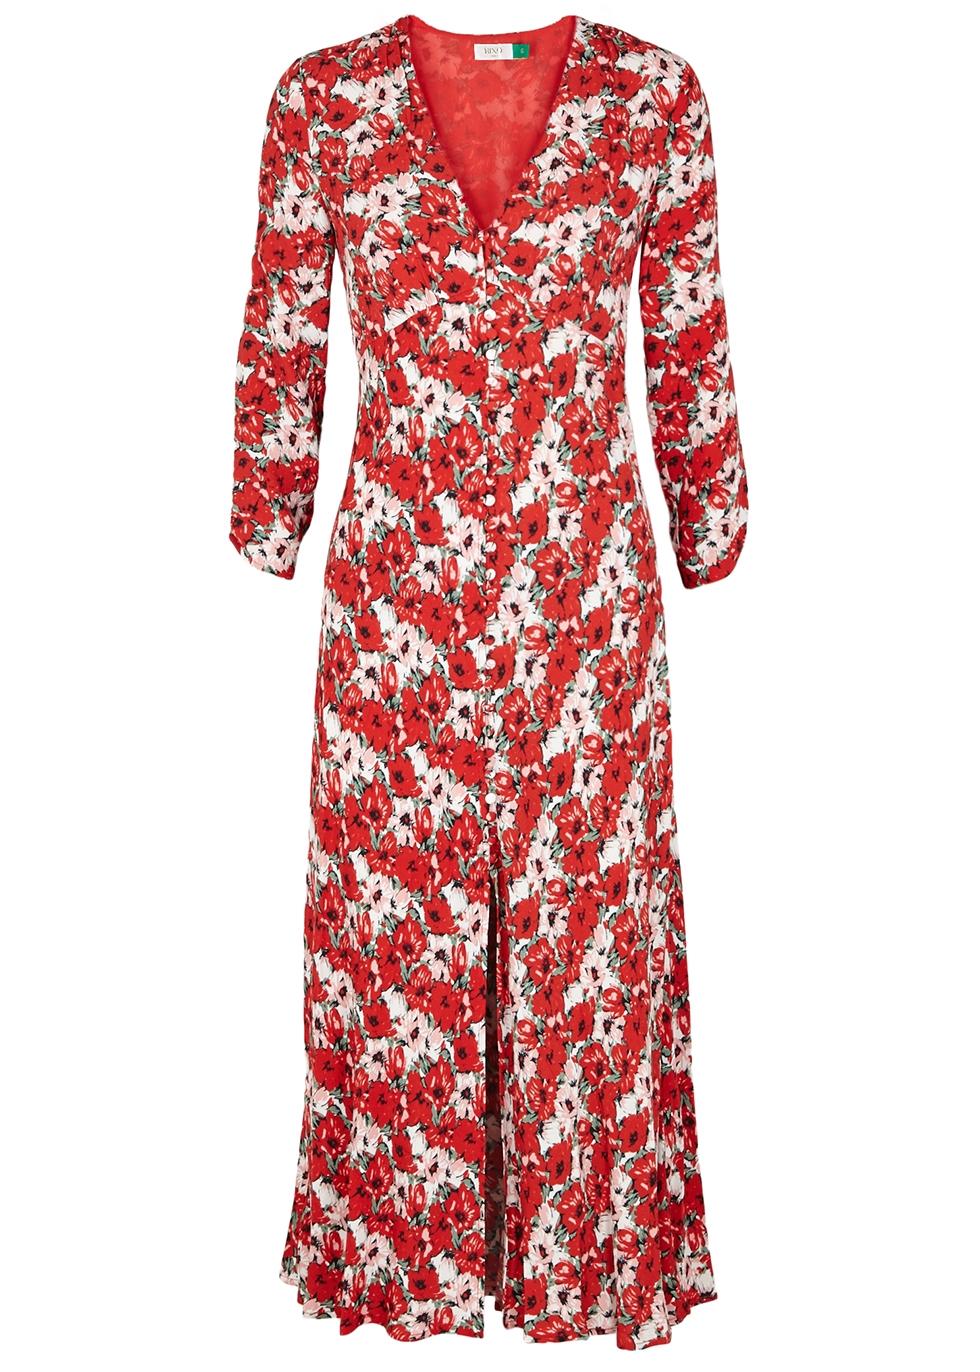 Katie floral-print midi dress - RIXO